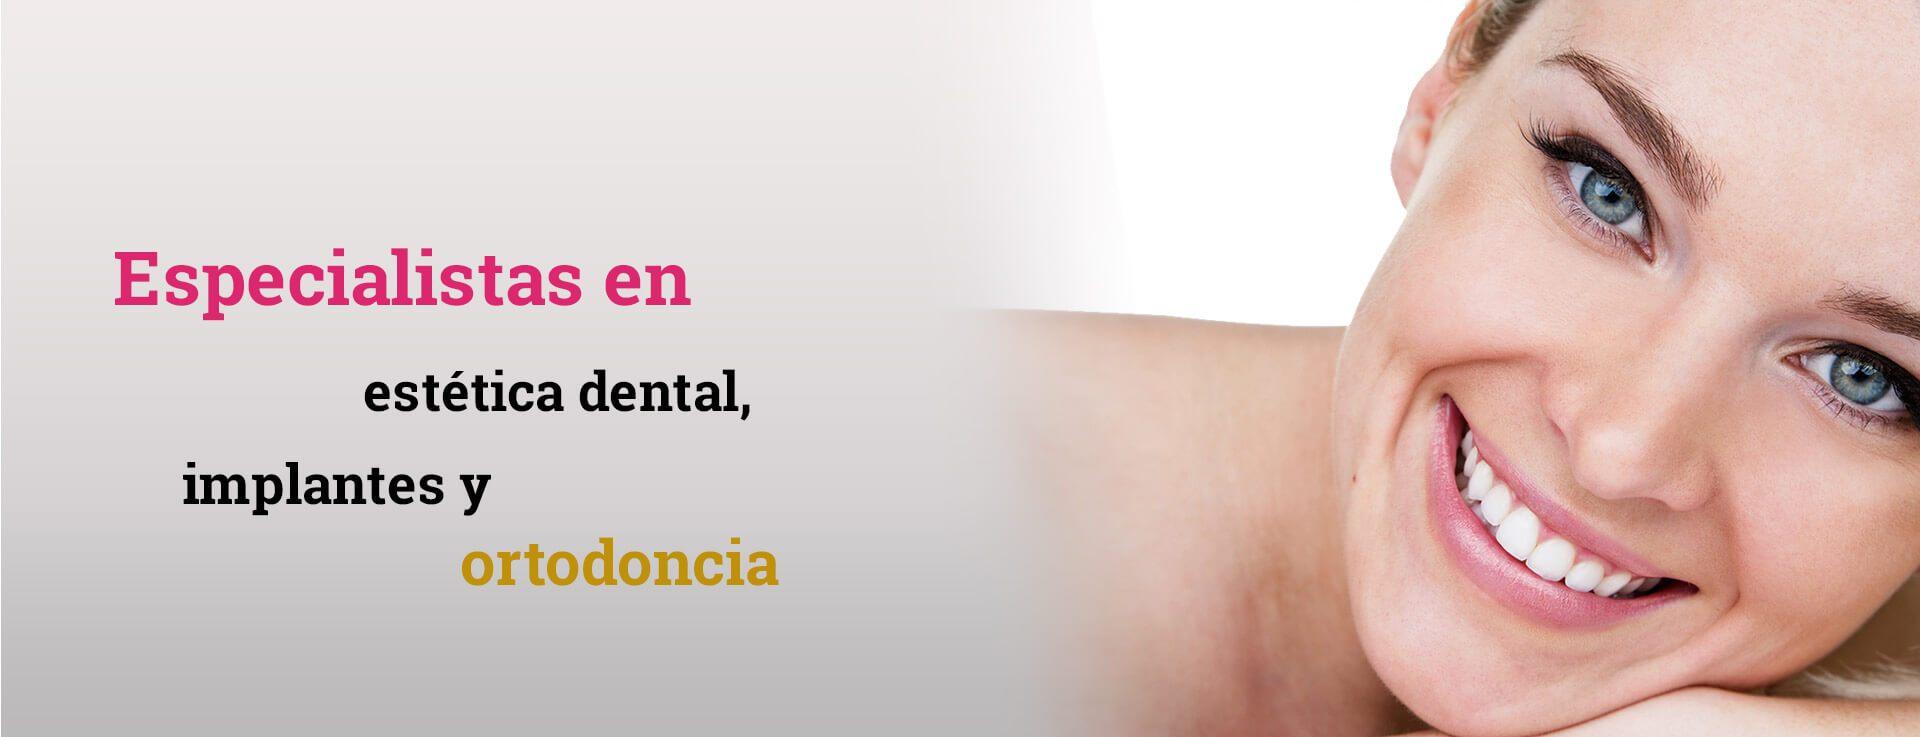 Especialistas en estética dental, implantes y ortodoncia